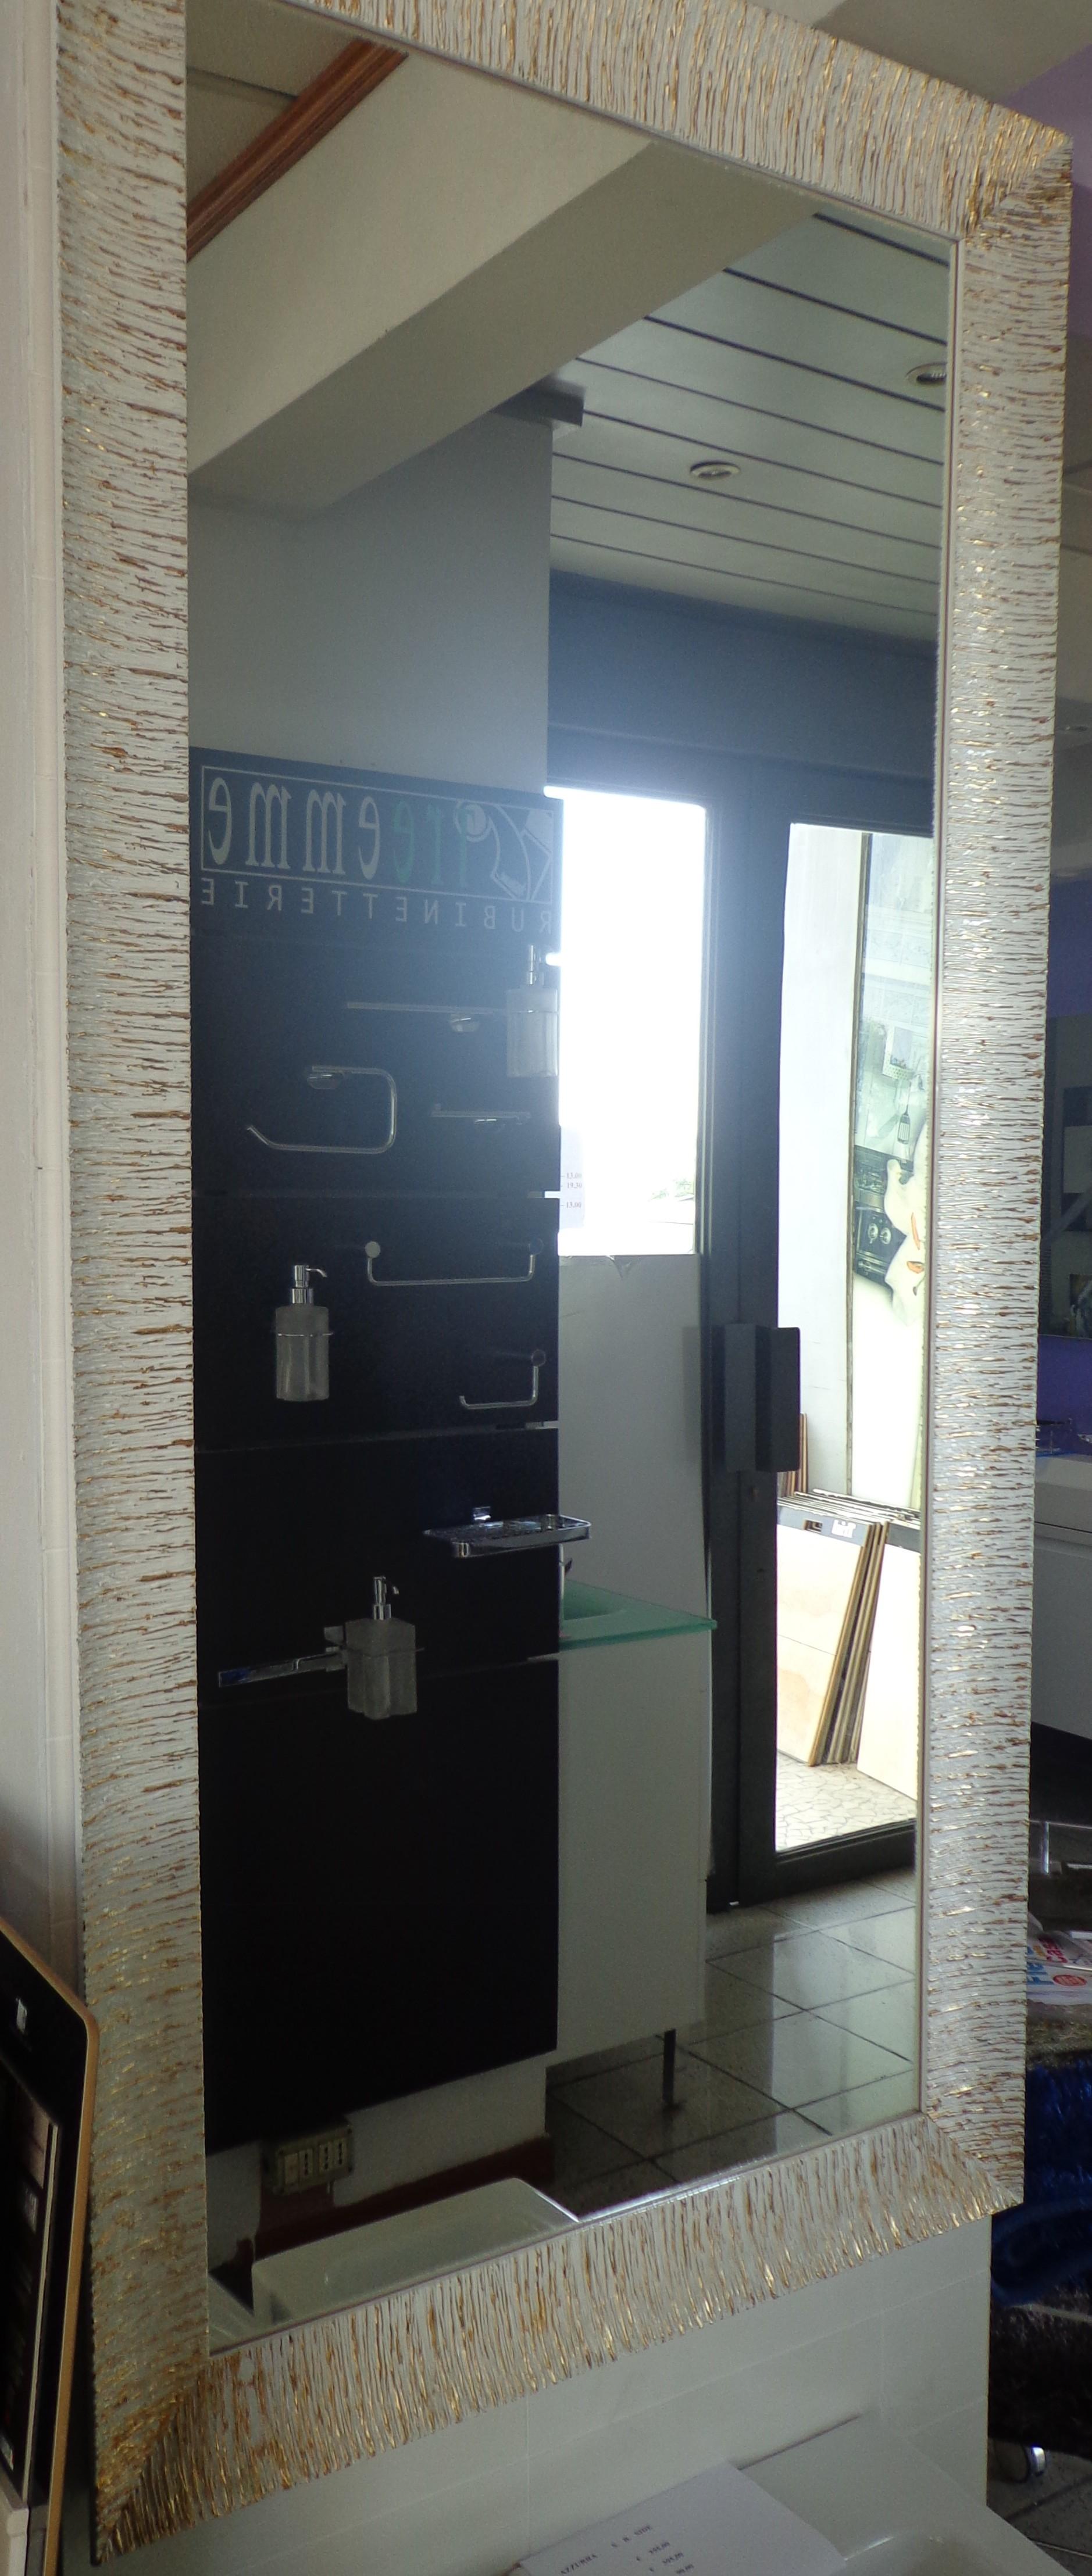 Specchio serie 500 arredo bagno a prezzi scontati - Specchio bagno prezzi ...